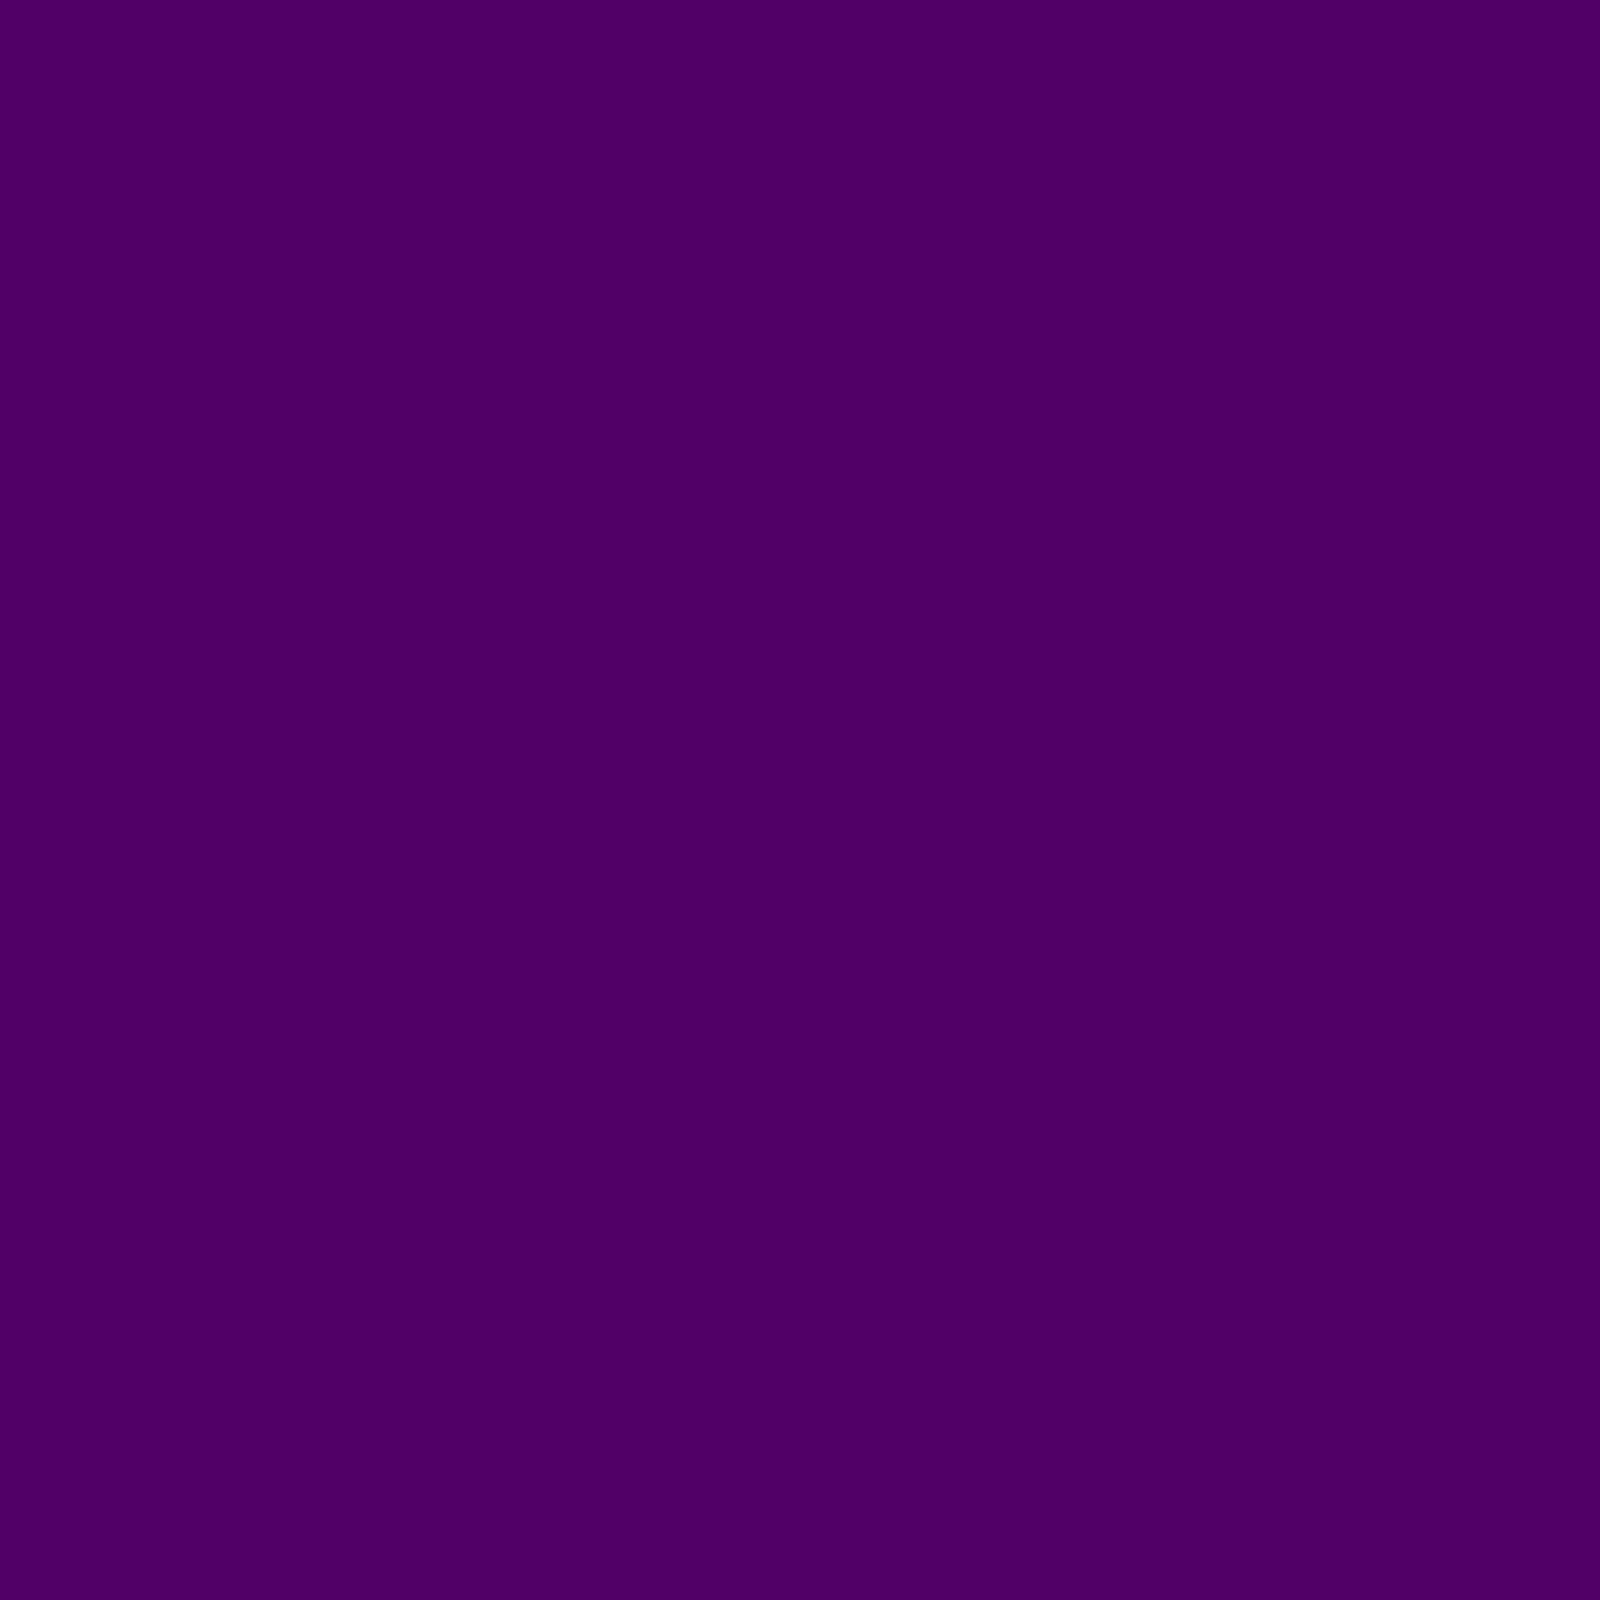 kobra purpuriu